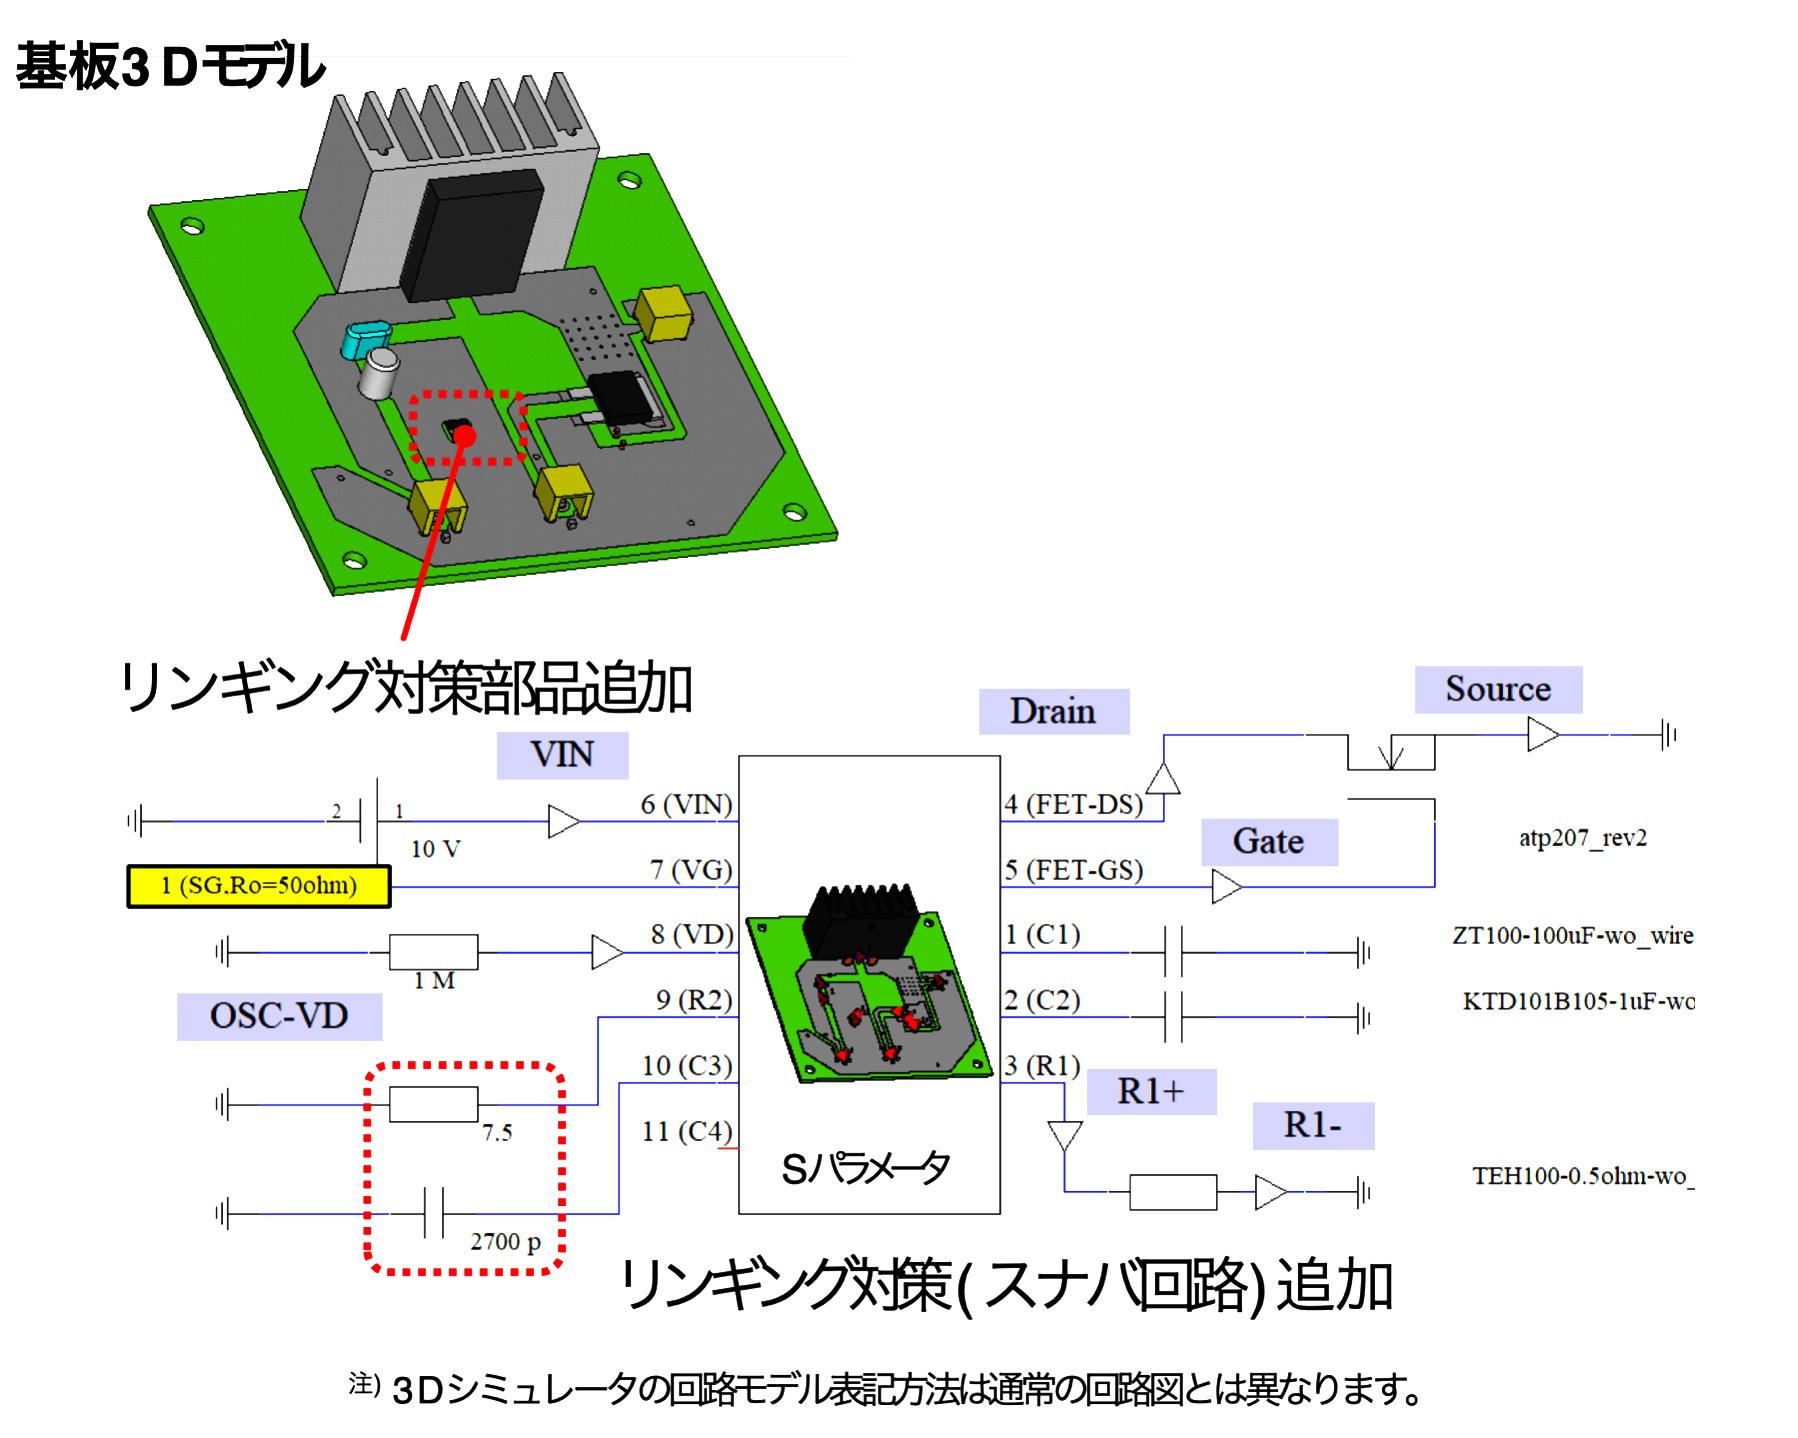 図7. 基板3D-過渡解析モデル